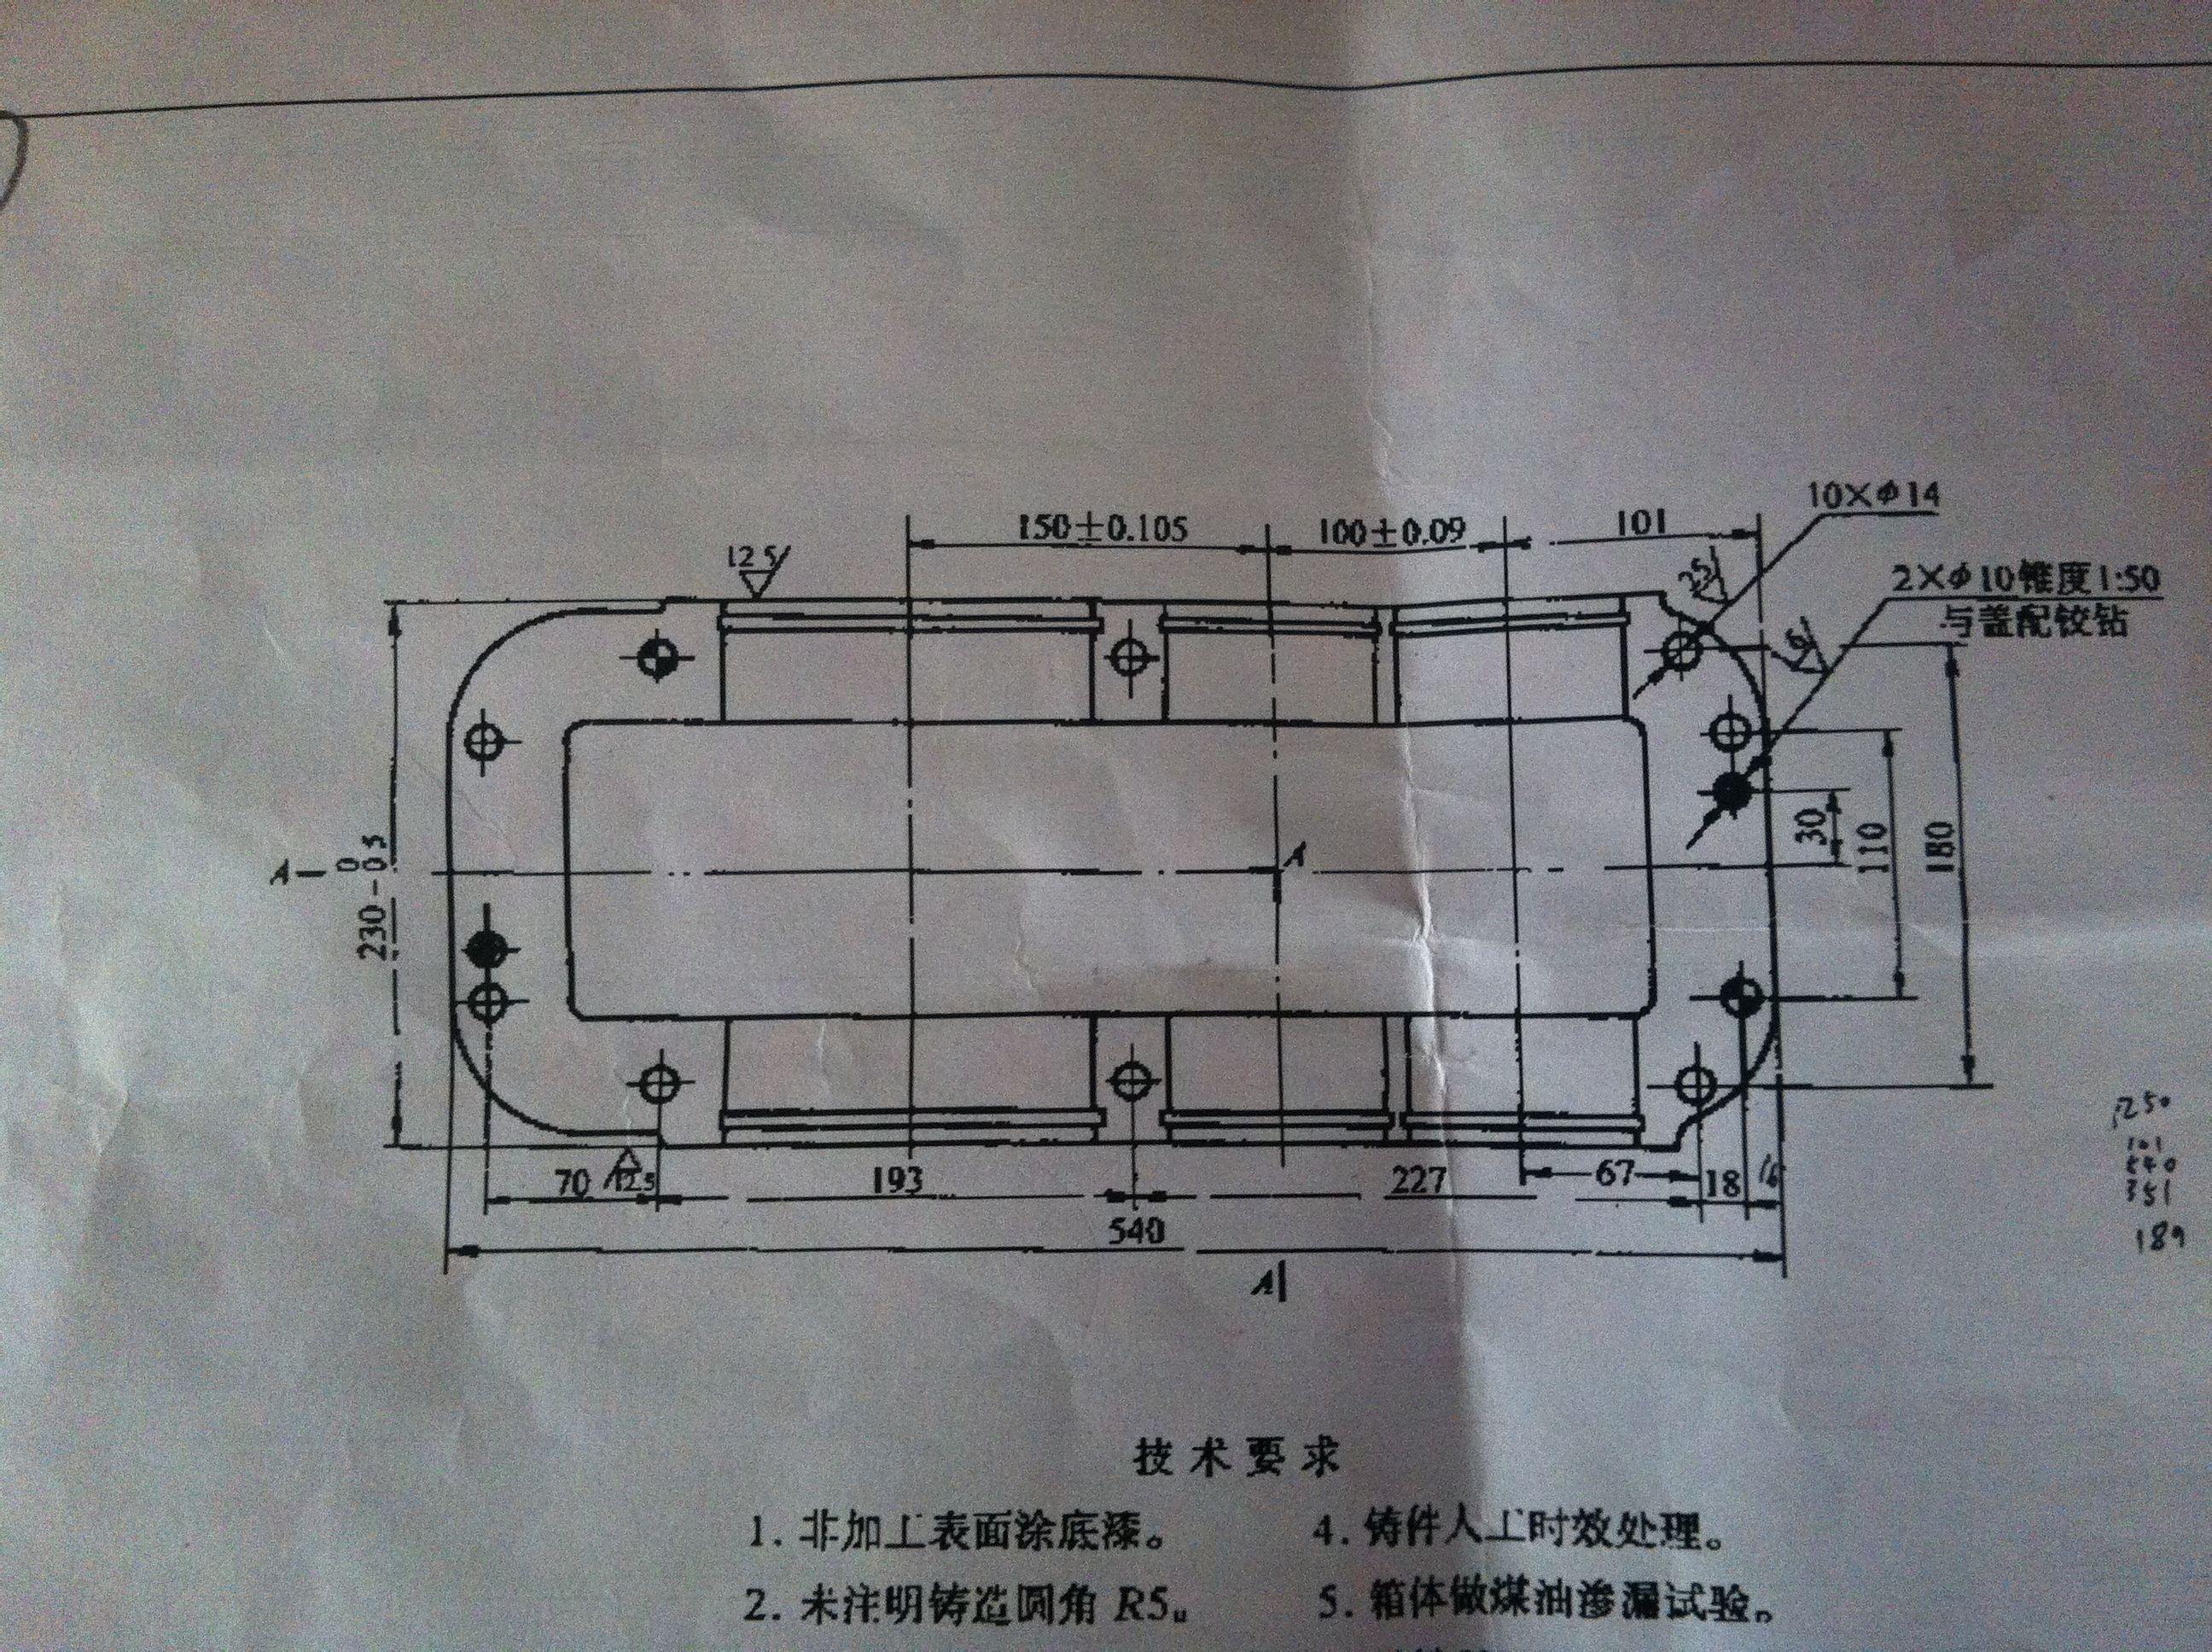 二级减速器箱体cad_二级减速器下箱体的CAD图 能给我发一份儿么 邮箱2297816401@qq.com ...